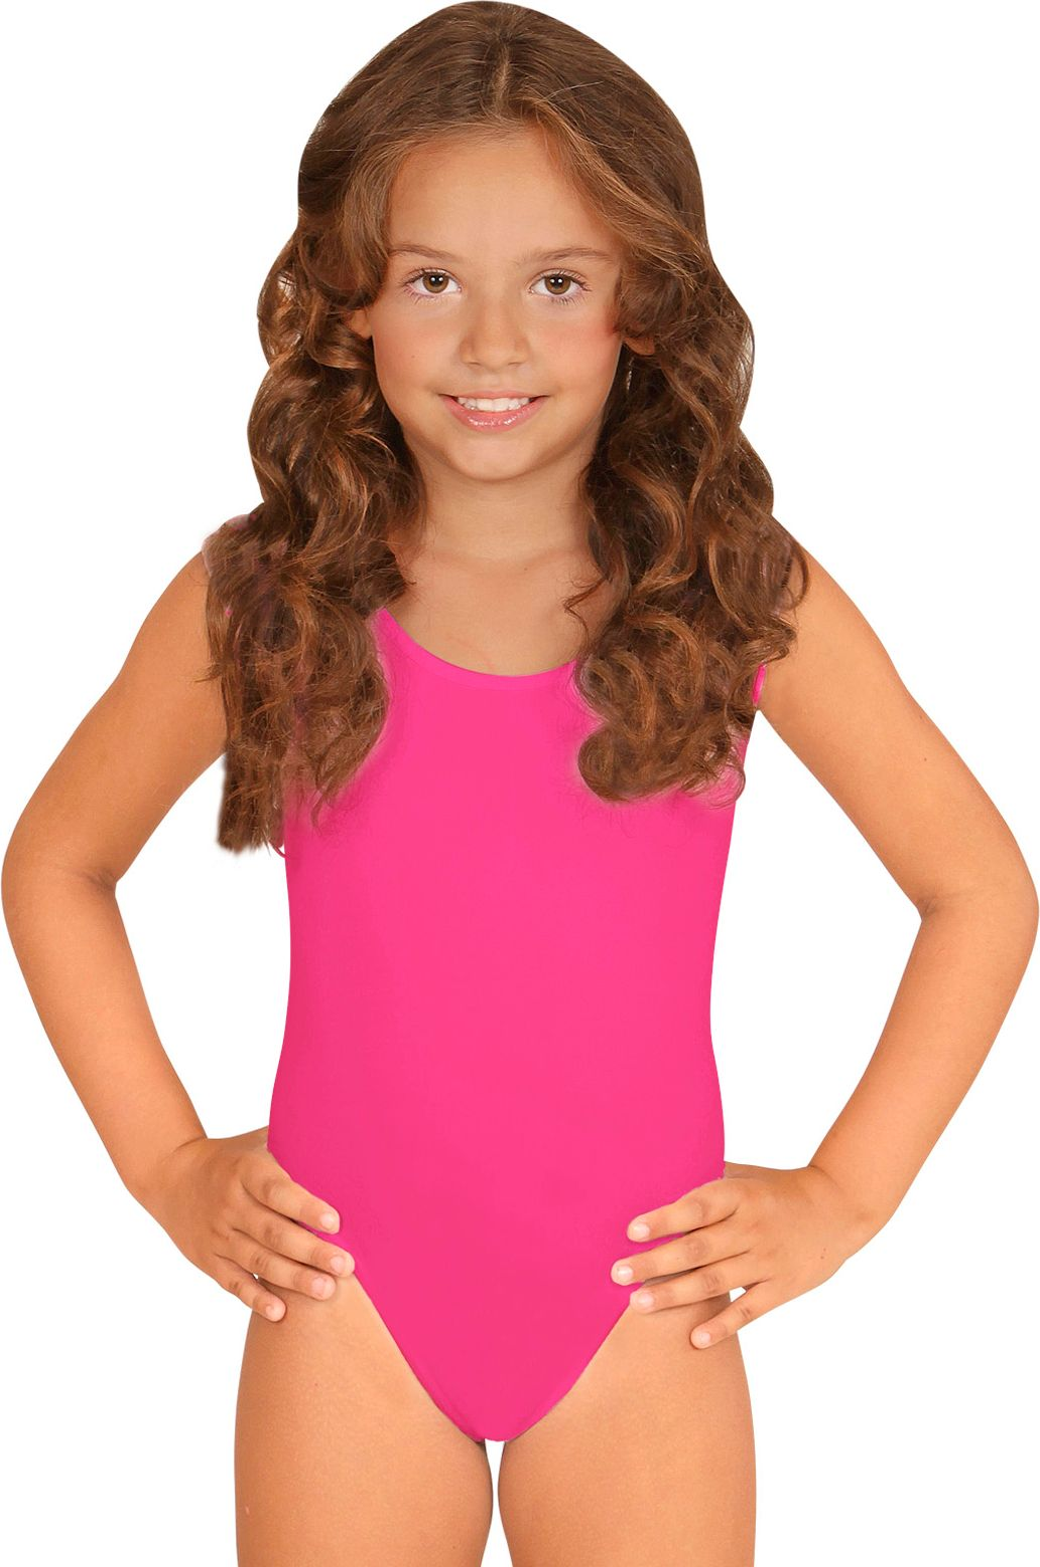 Roze turnpakje meisjes